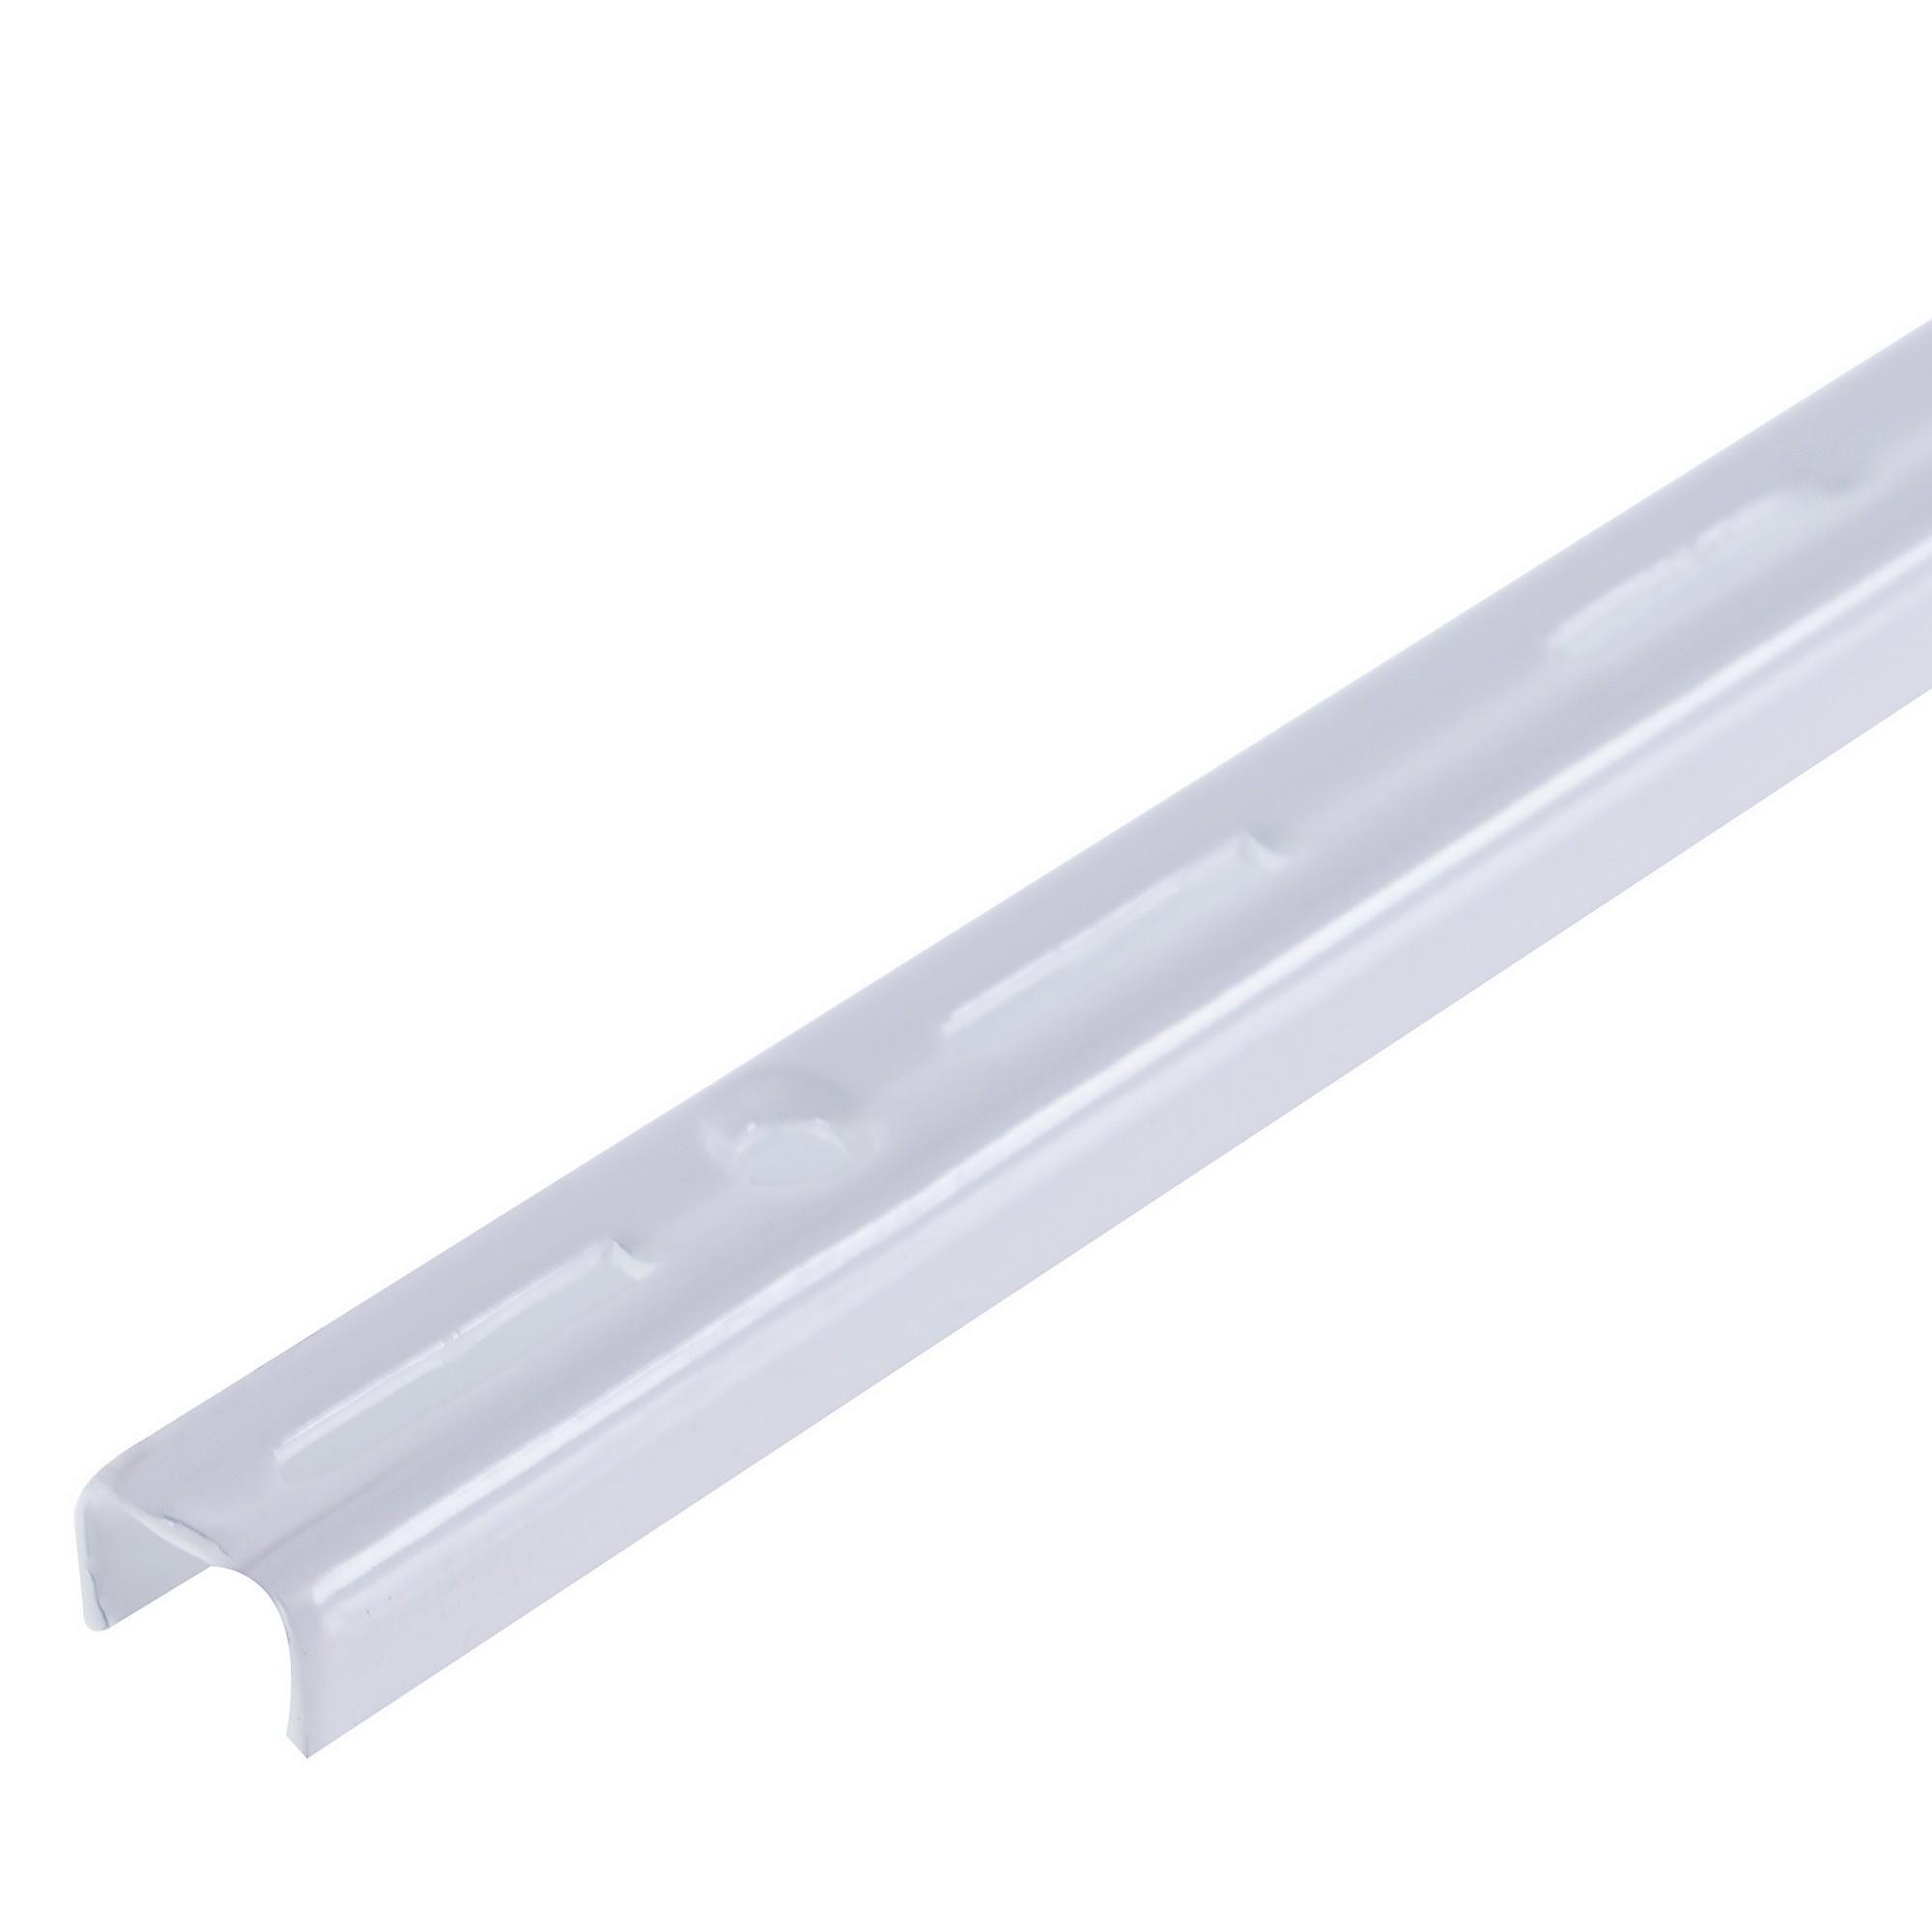 Направляющая однорядная 150 см 55 кг/20 см цвет белый